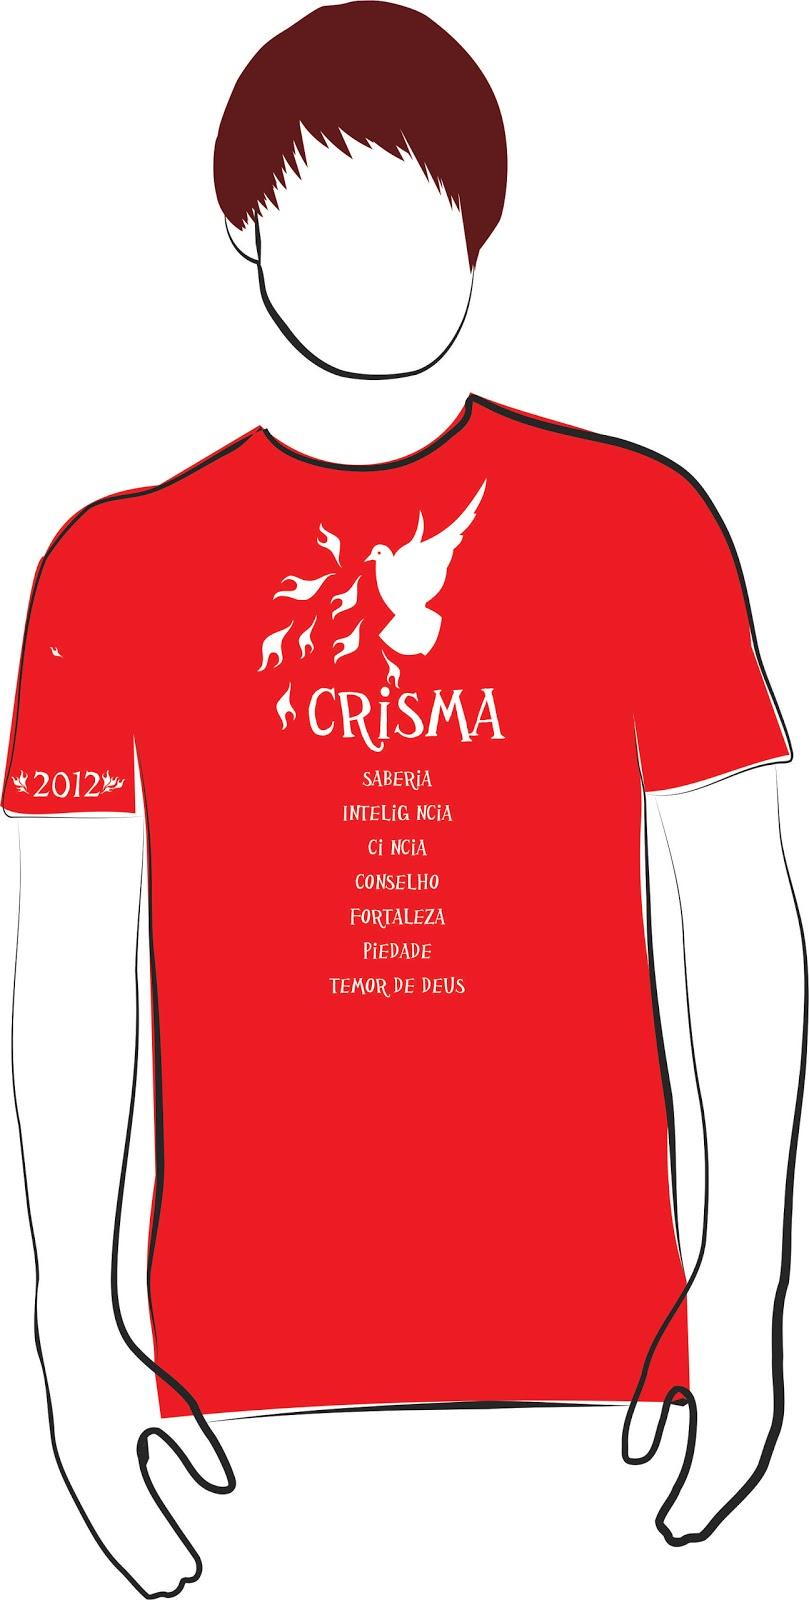 Camisa Crisma   Sugest  O